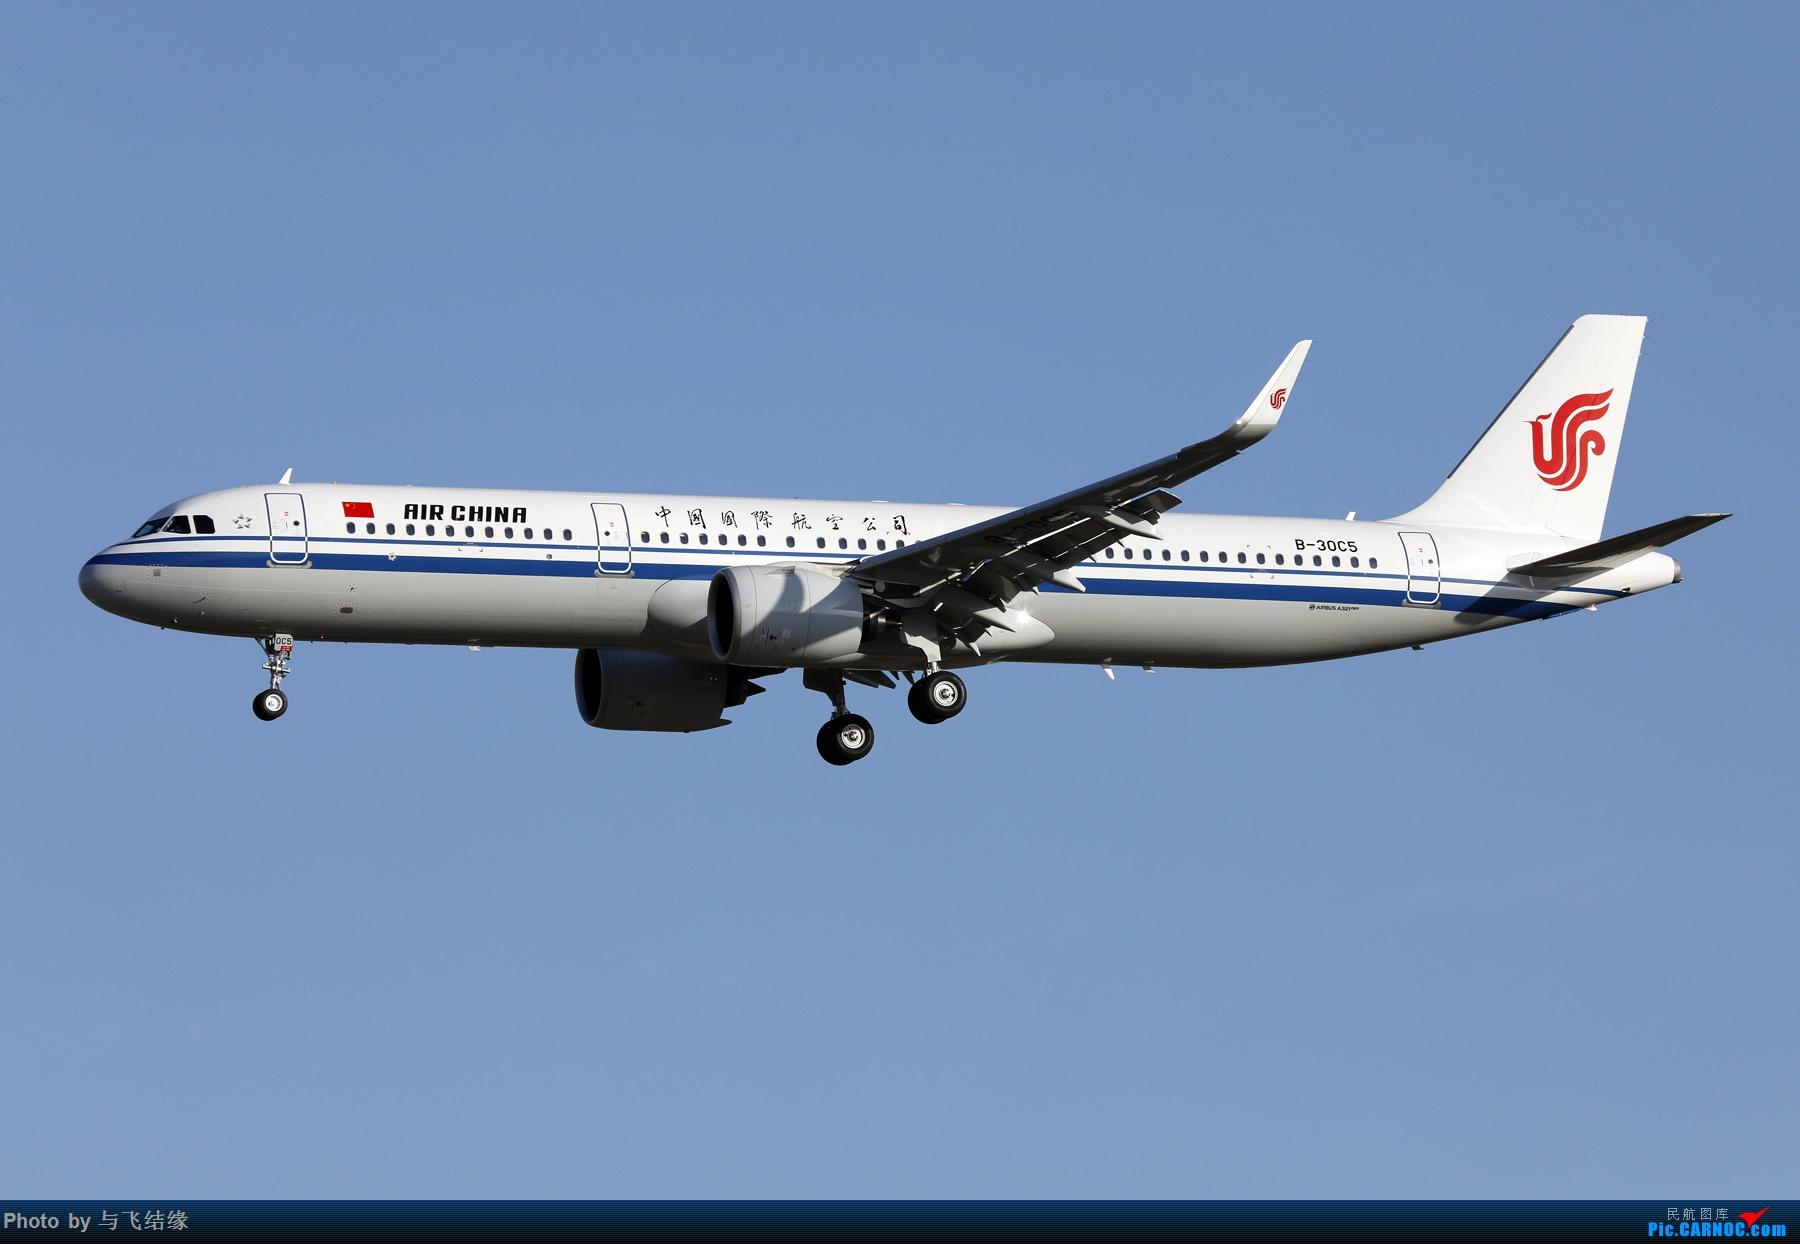 Re:[原创]3.21在发一组空客321. AIRBUS A321NEO B-30C5 中国北京首都国际机场